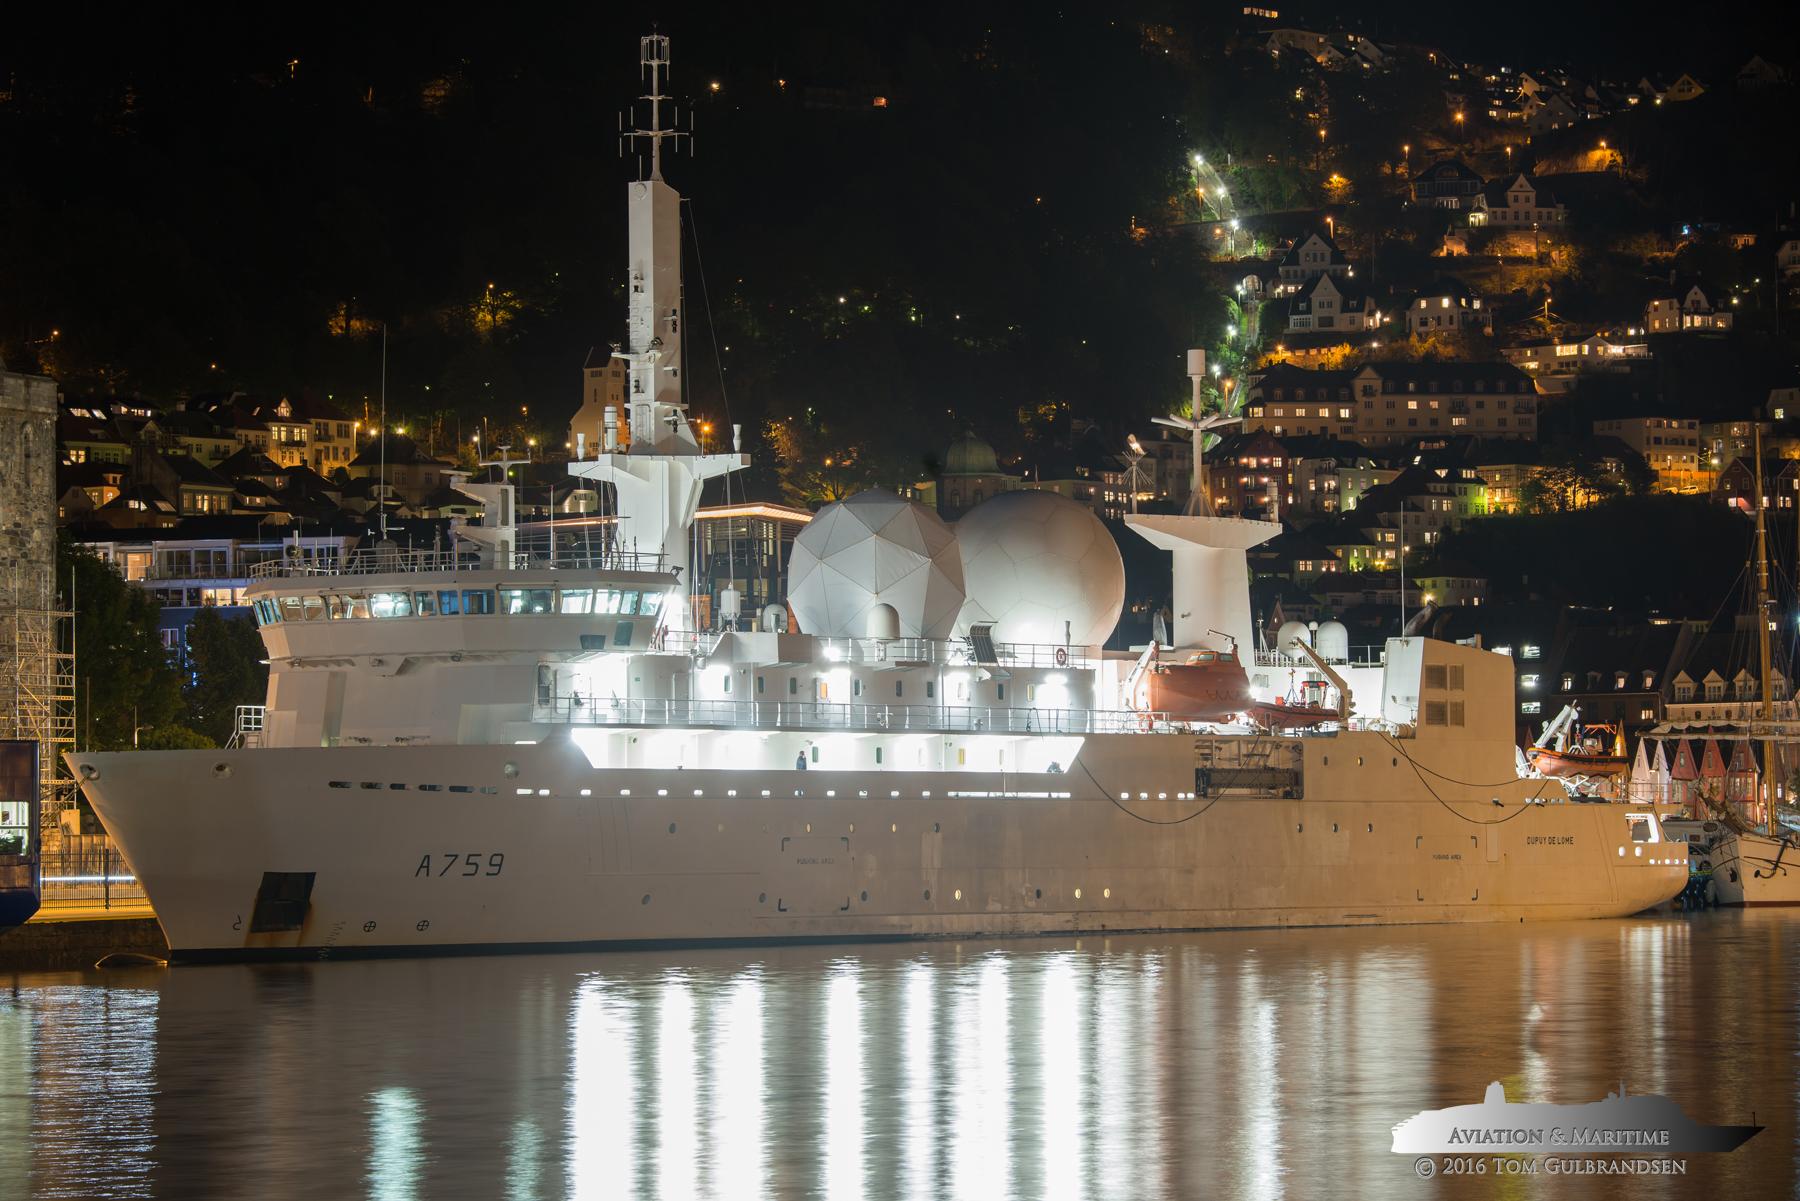 A759 Dupuy de Lôme (navire collecteur de renseignements) 38365912152_d21331912b_o